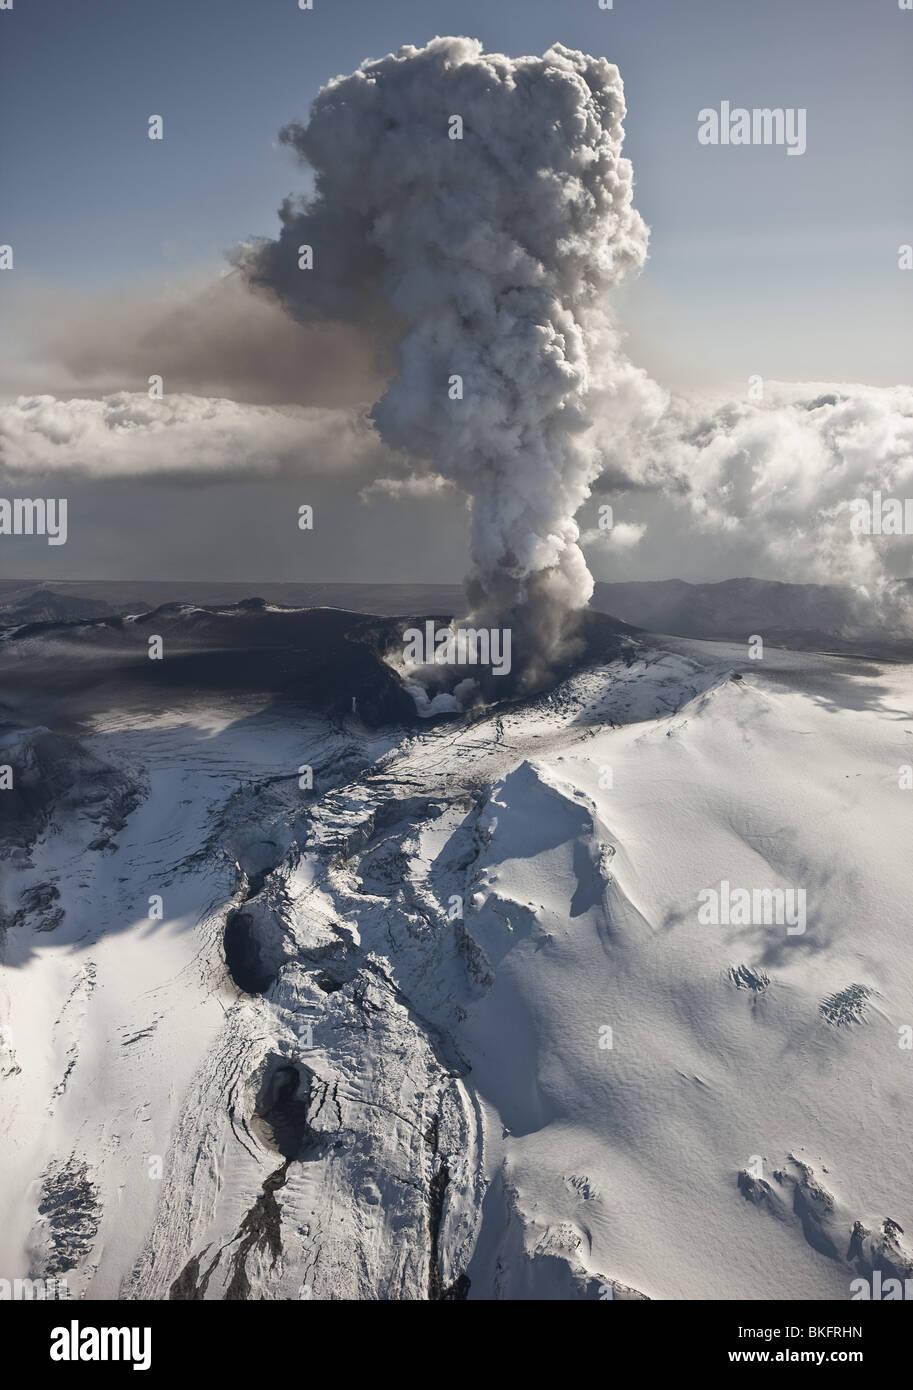 Aschewolke aus Vulkan Eyjafjallajokull Eruption, Island. Stockbild